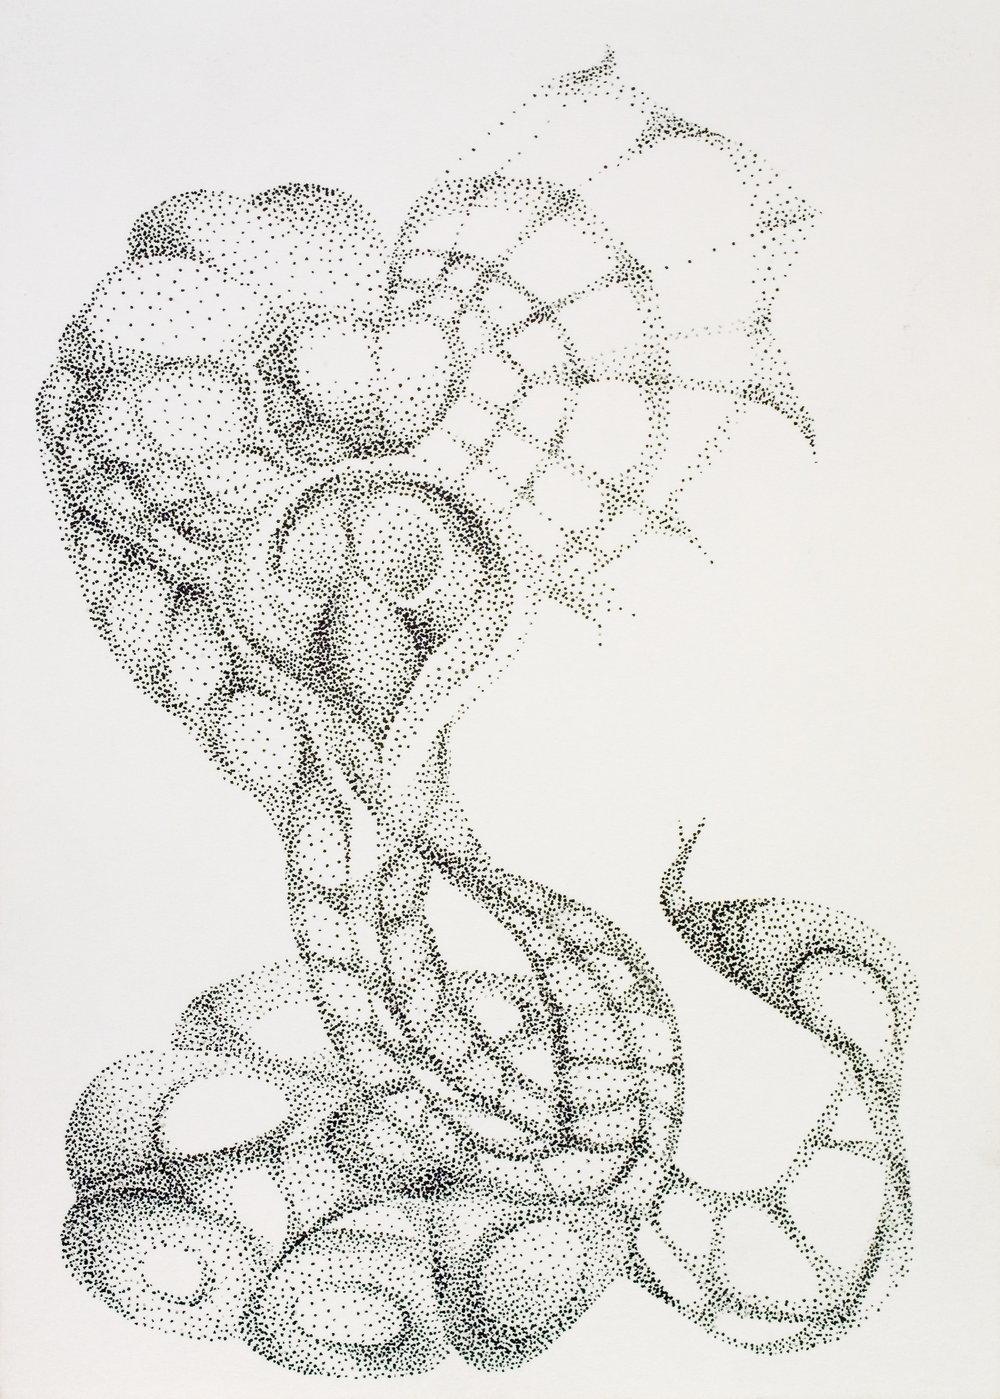 Cobra of Love  Pen on paper, 8x6in.